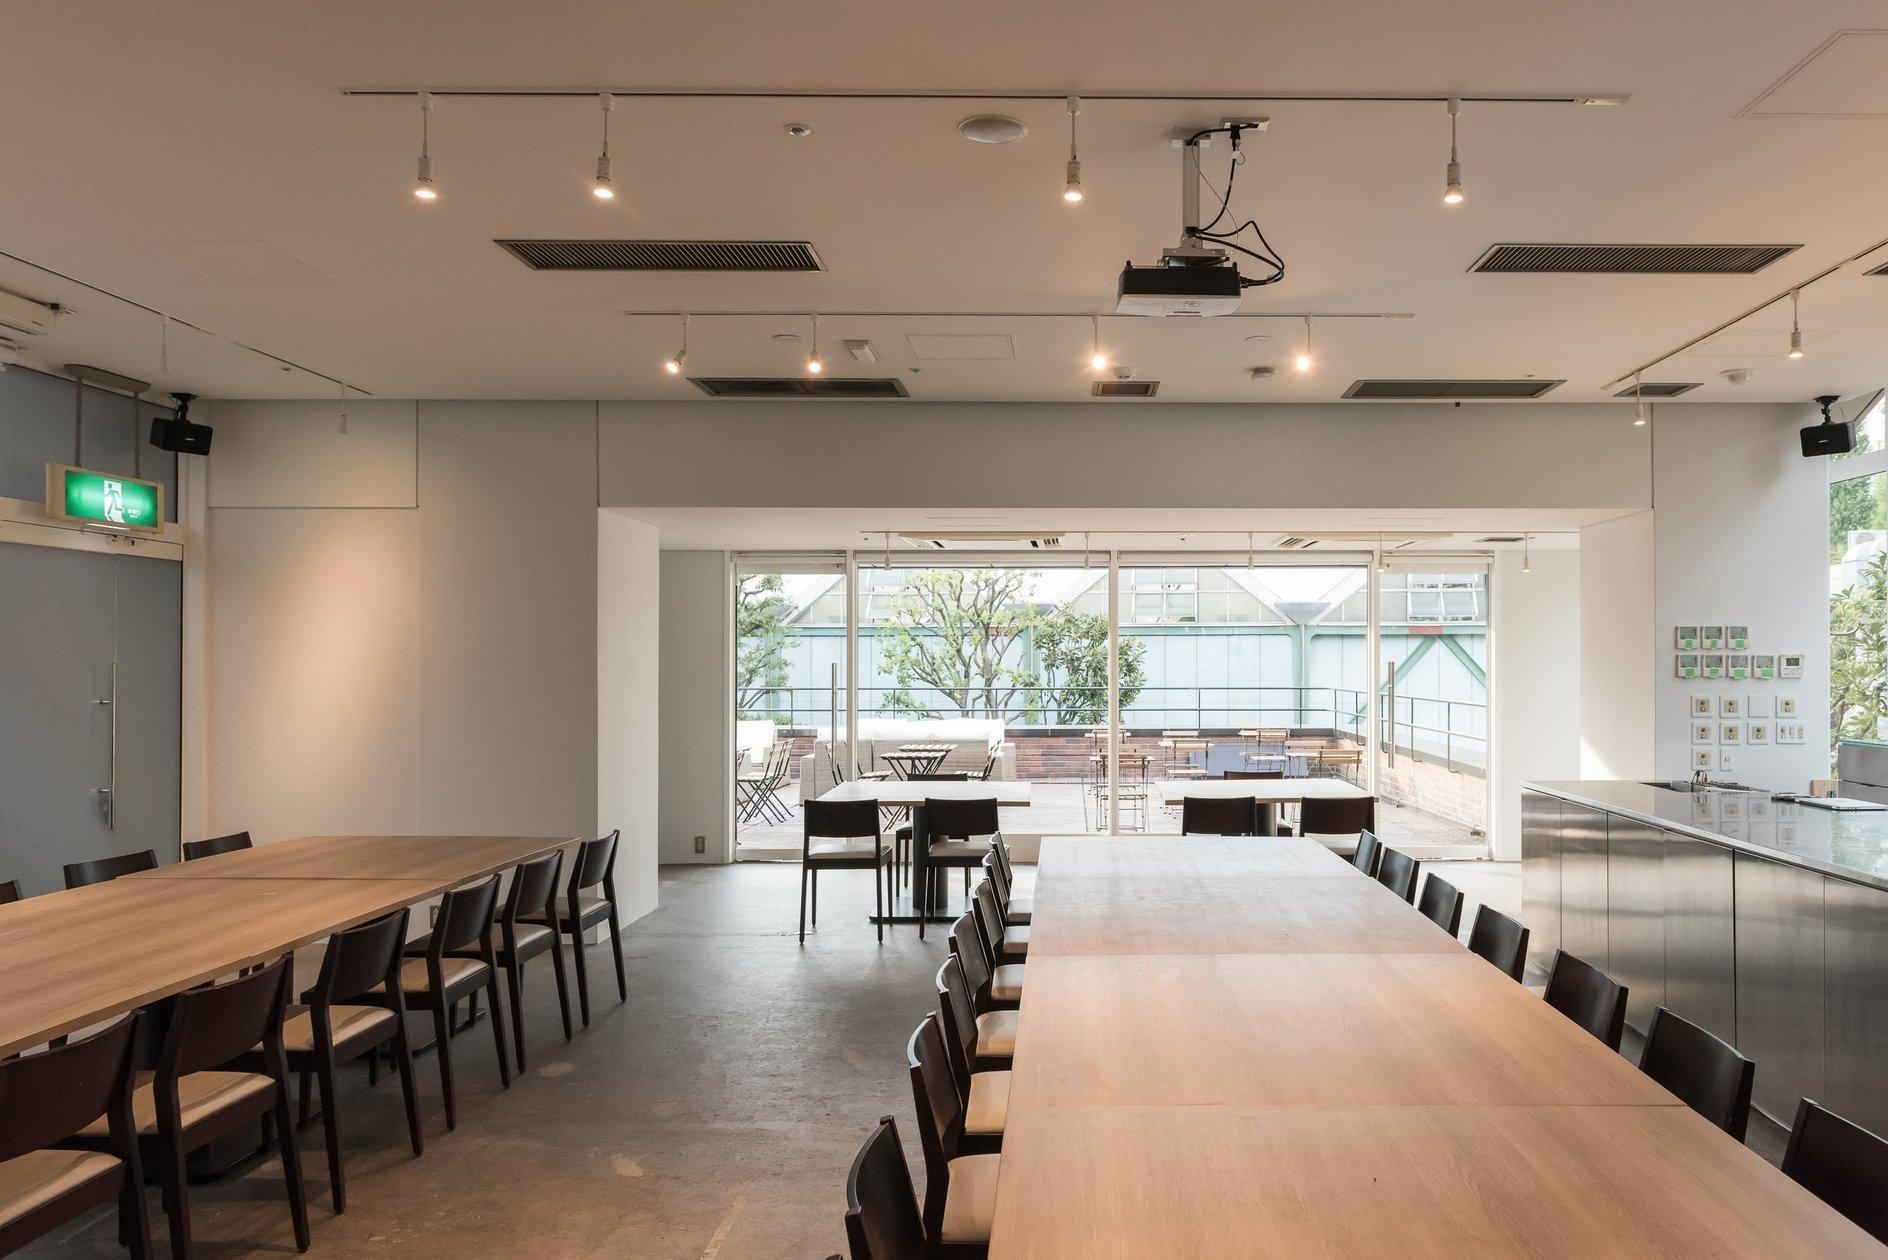 2018年8月open!【9月度30件イベント開催実績】青山という一等地にオープンキッチンと開放的なテラスが併設(【AOYAMA TERRACE】オープンキッチンの広々とした店内、開放的なテラスが併設) の写真0